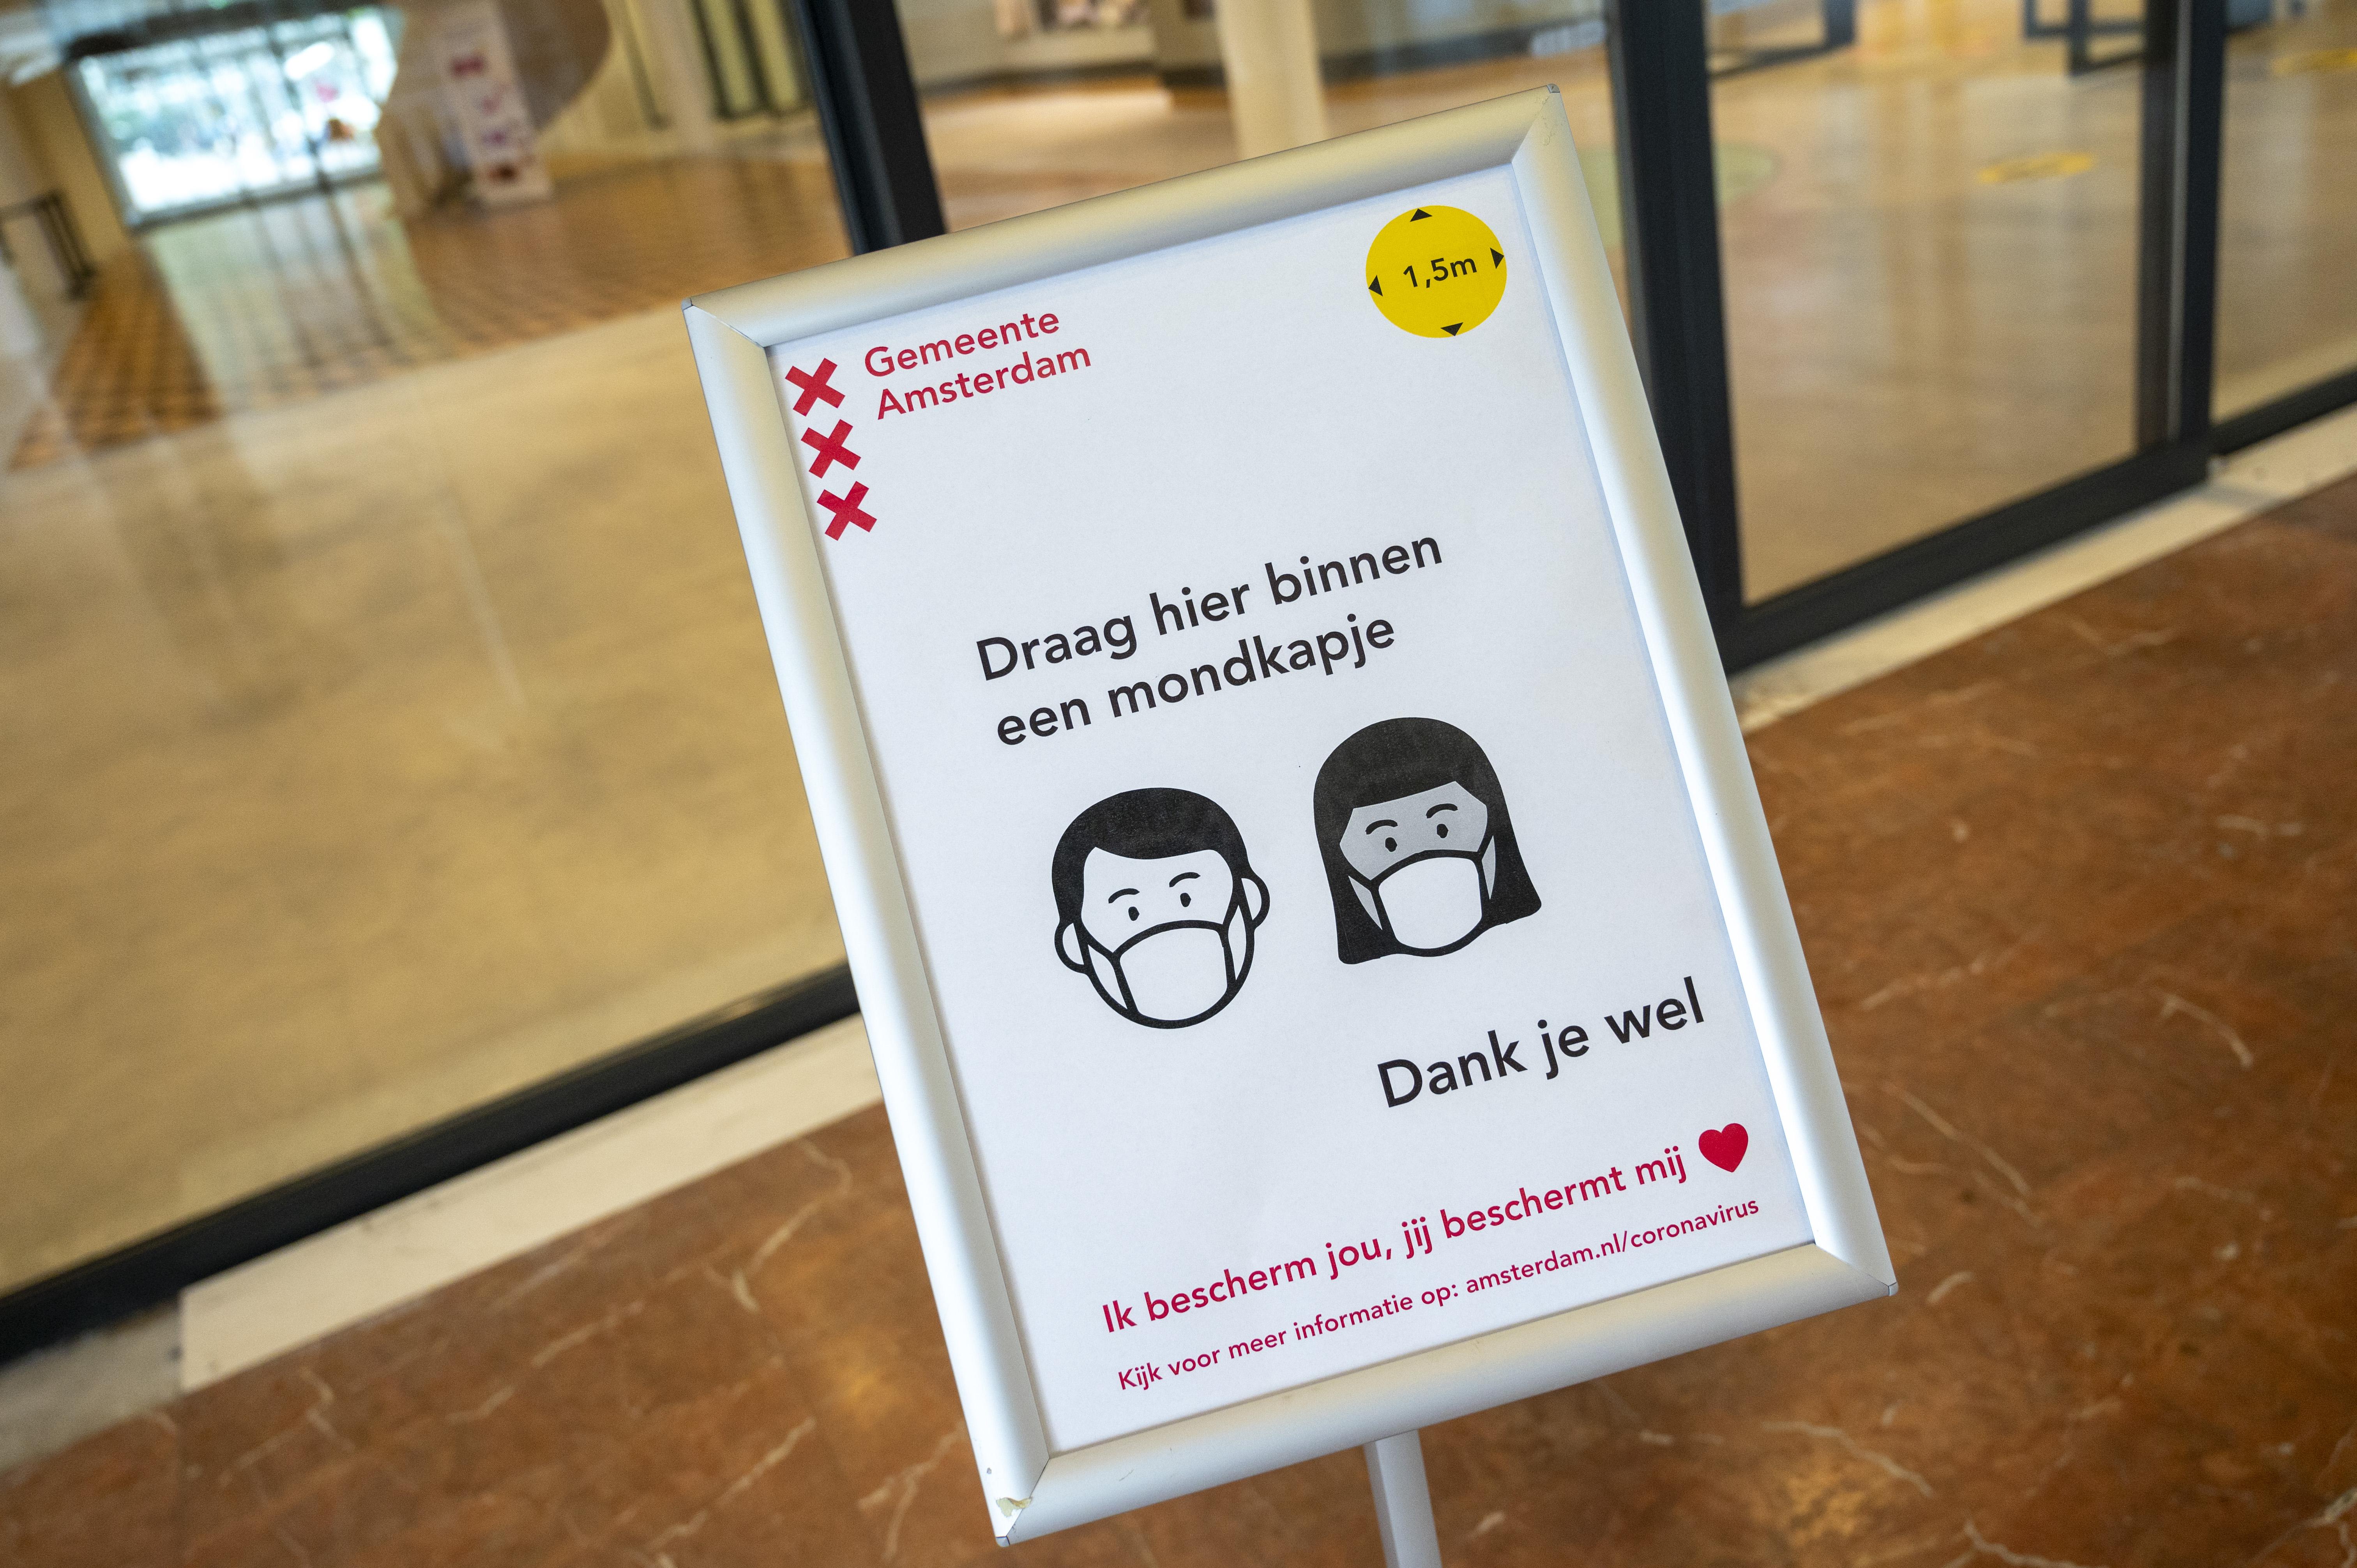 Een foto van een bord over het dragen van een mondkapje bij de gemeente Amsterdam